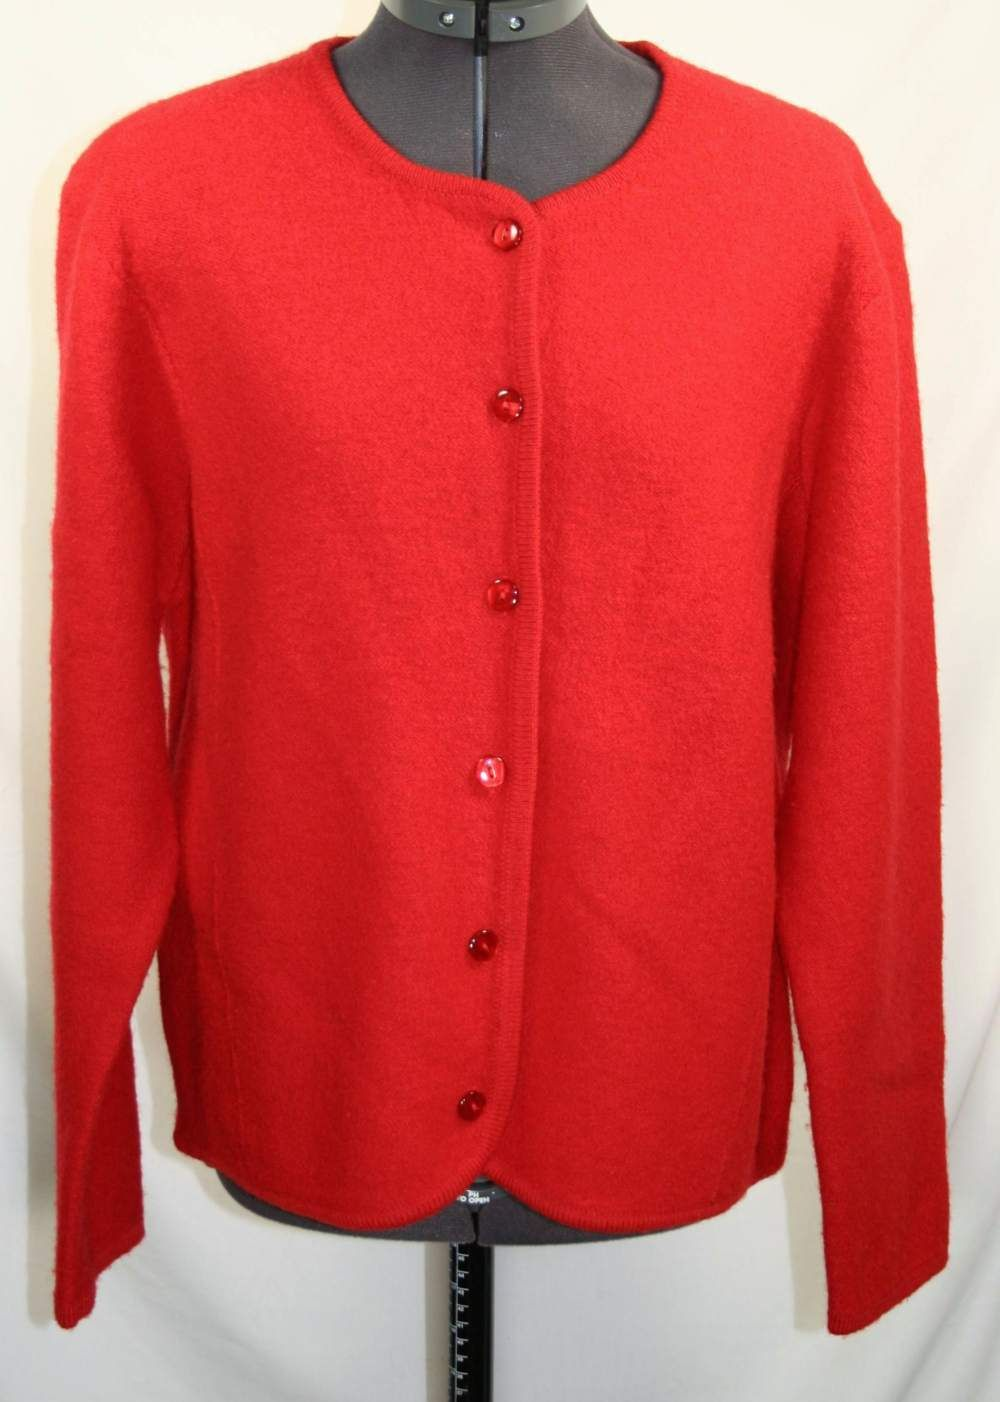 Pendleton Vintage Sweater 100 Wool Cardigan Red Women's Large Long ...